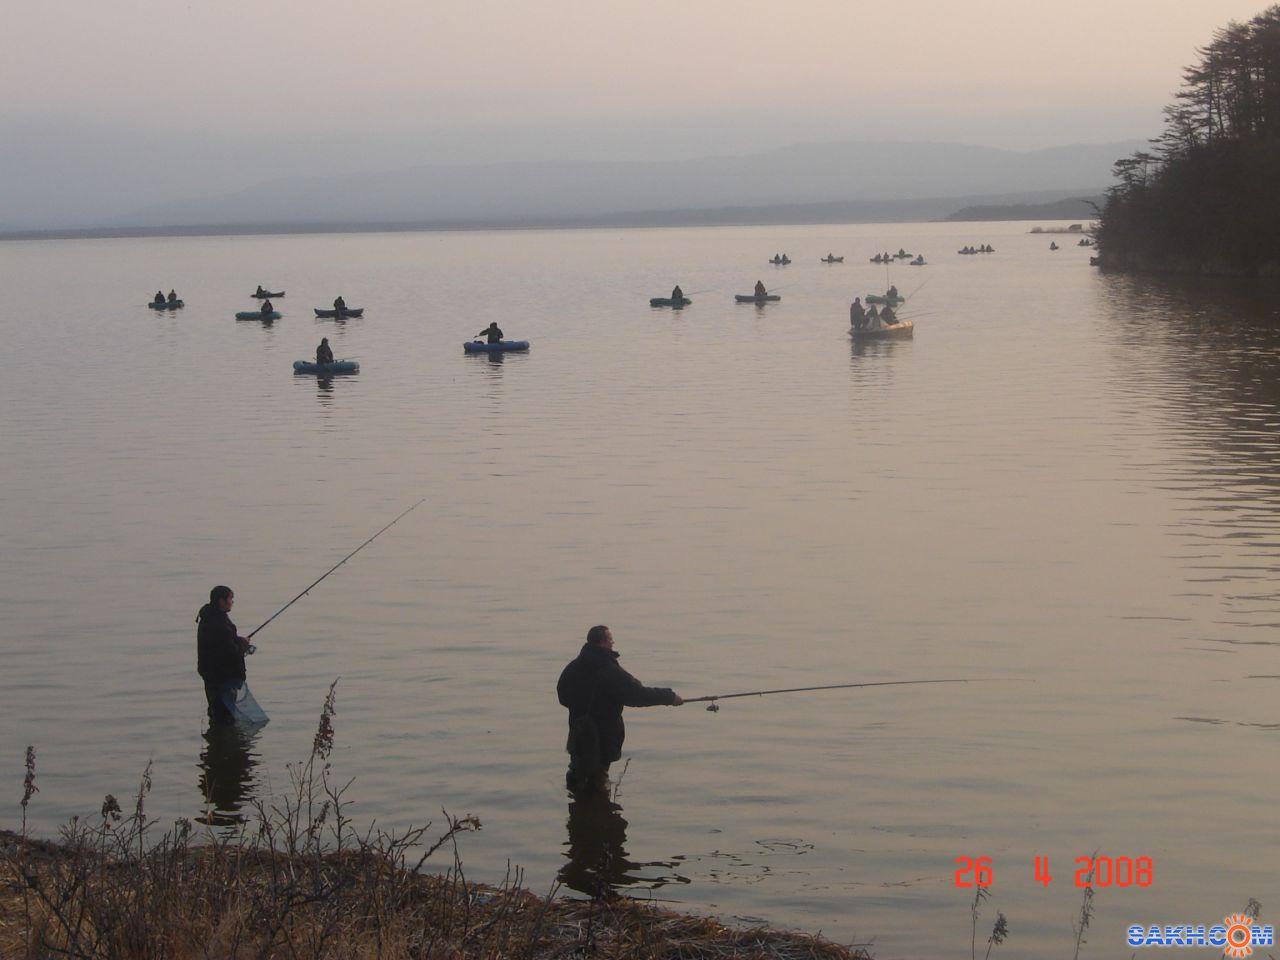 вафлюшечка: Красногорск, озеро, рыбаки